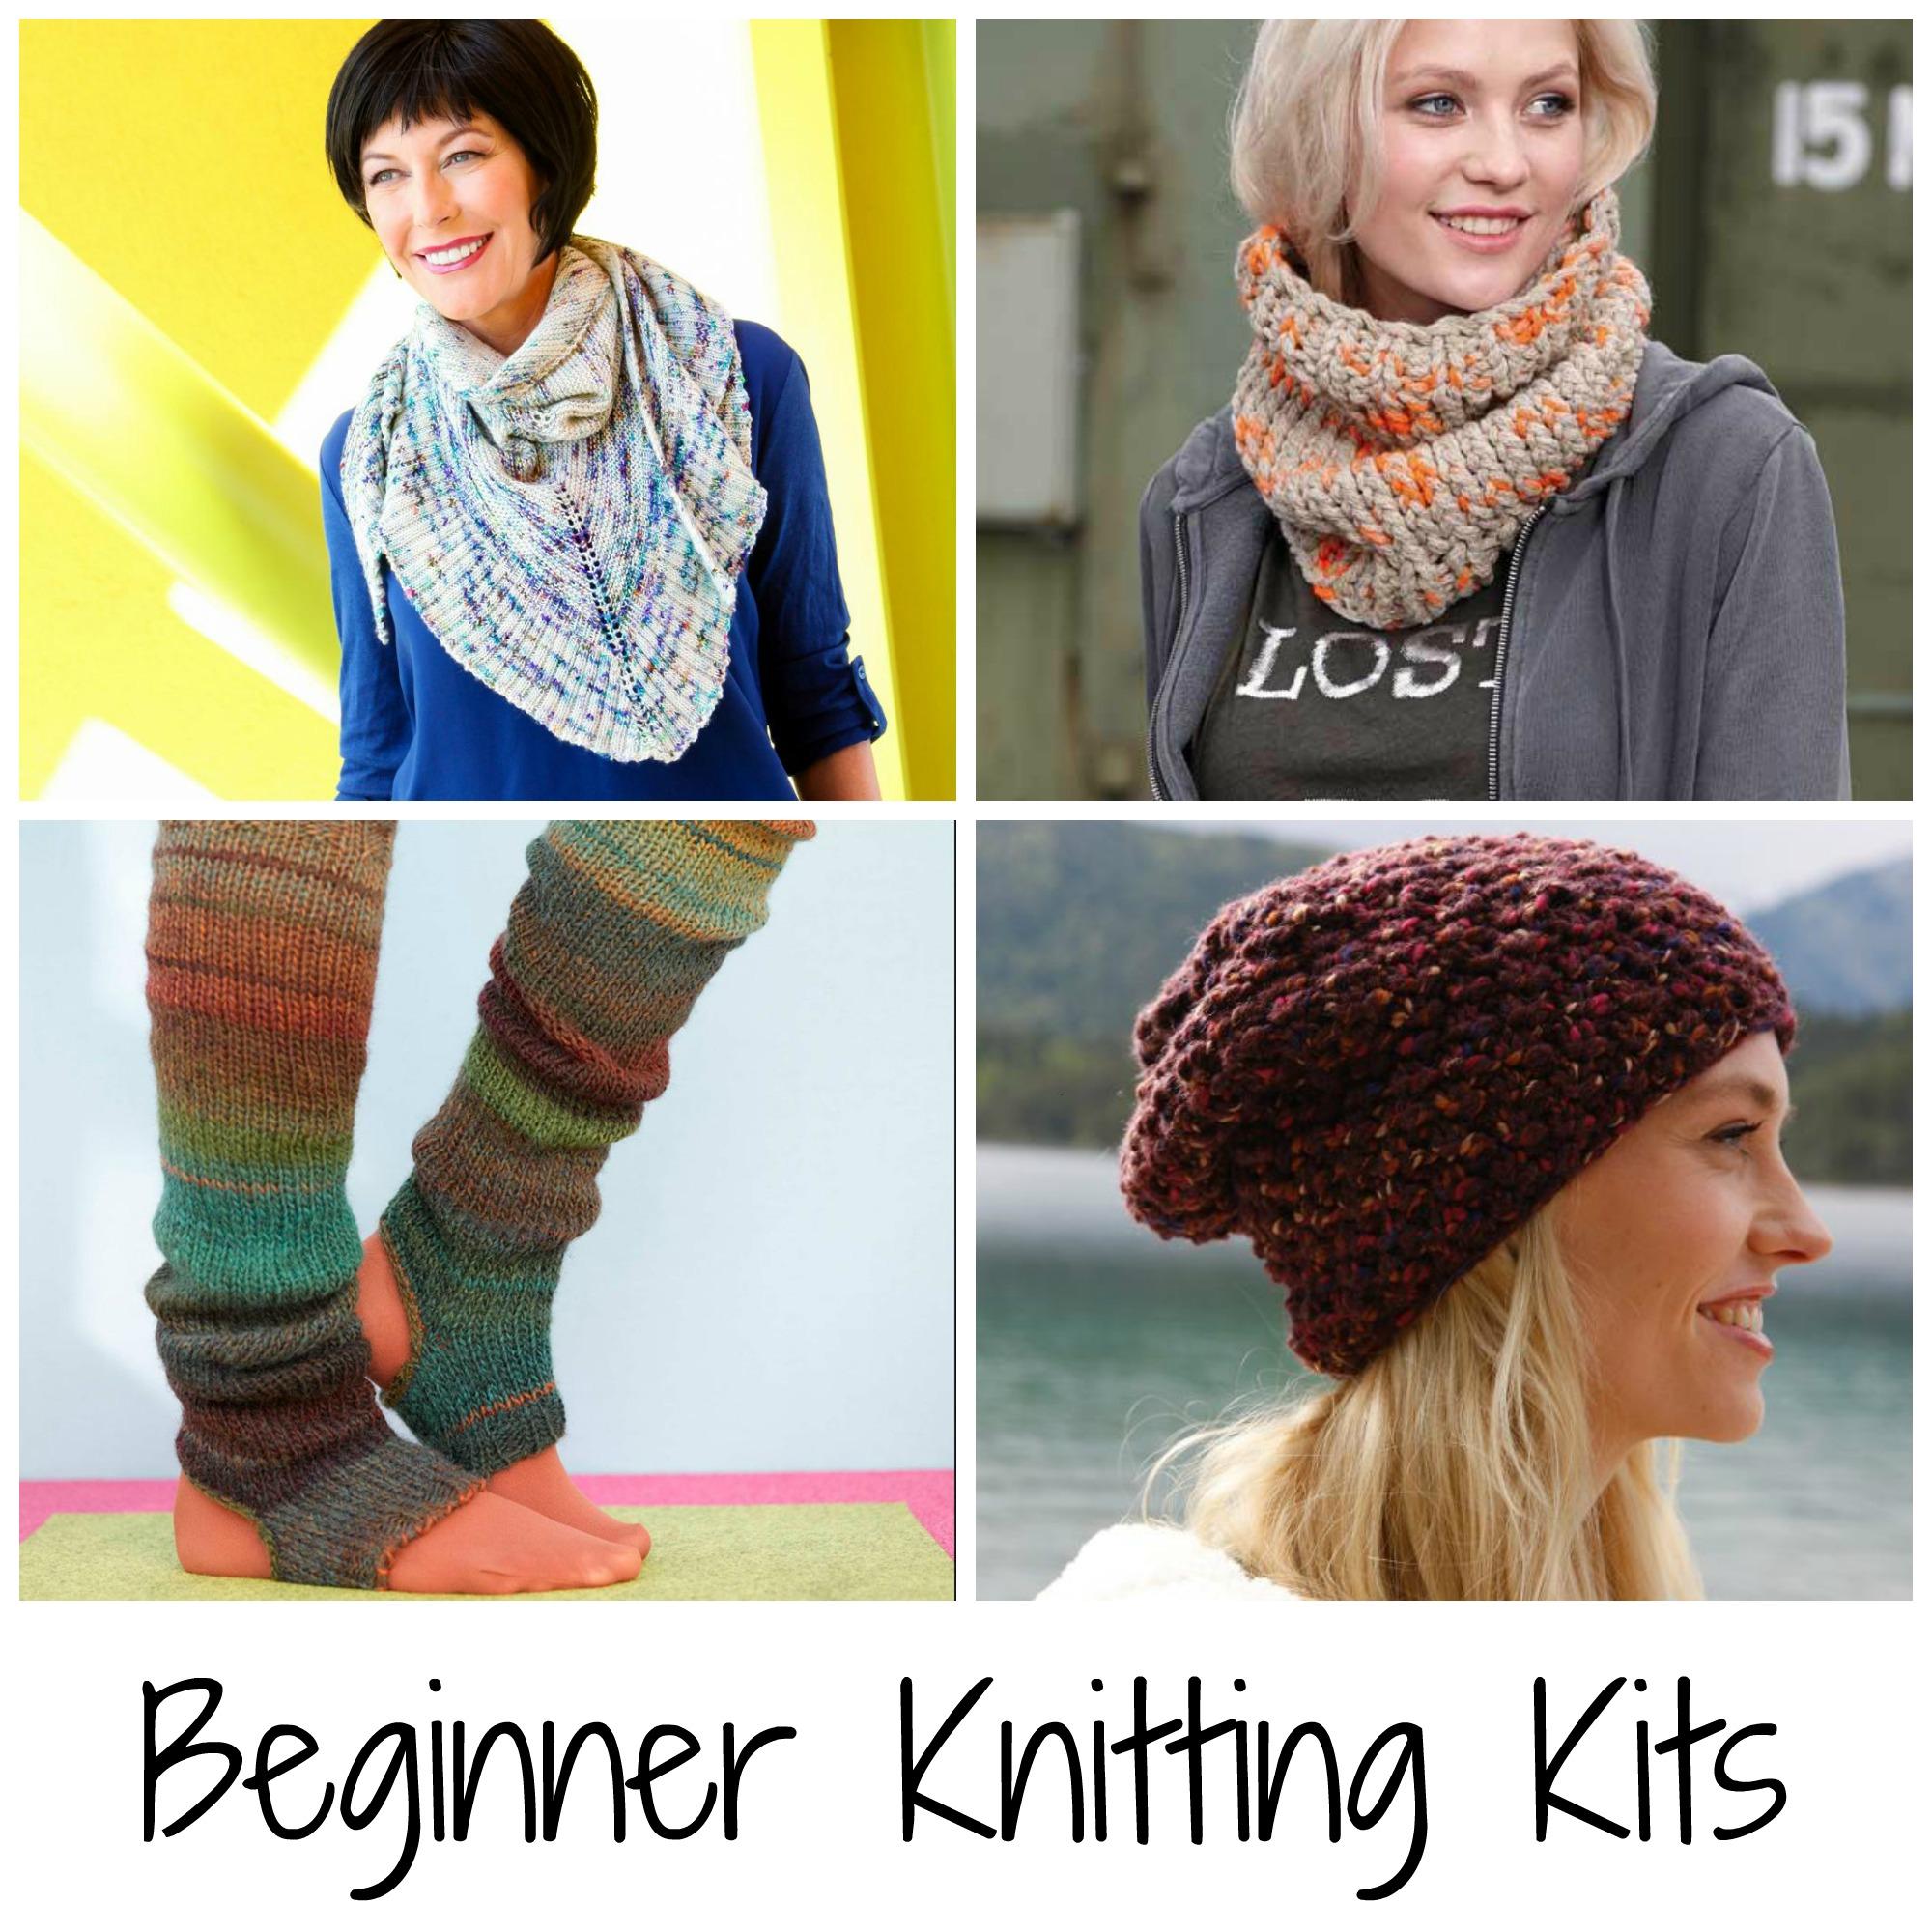 Knitting Kits for Beginners